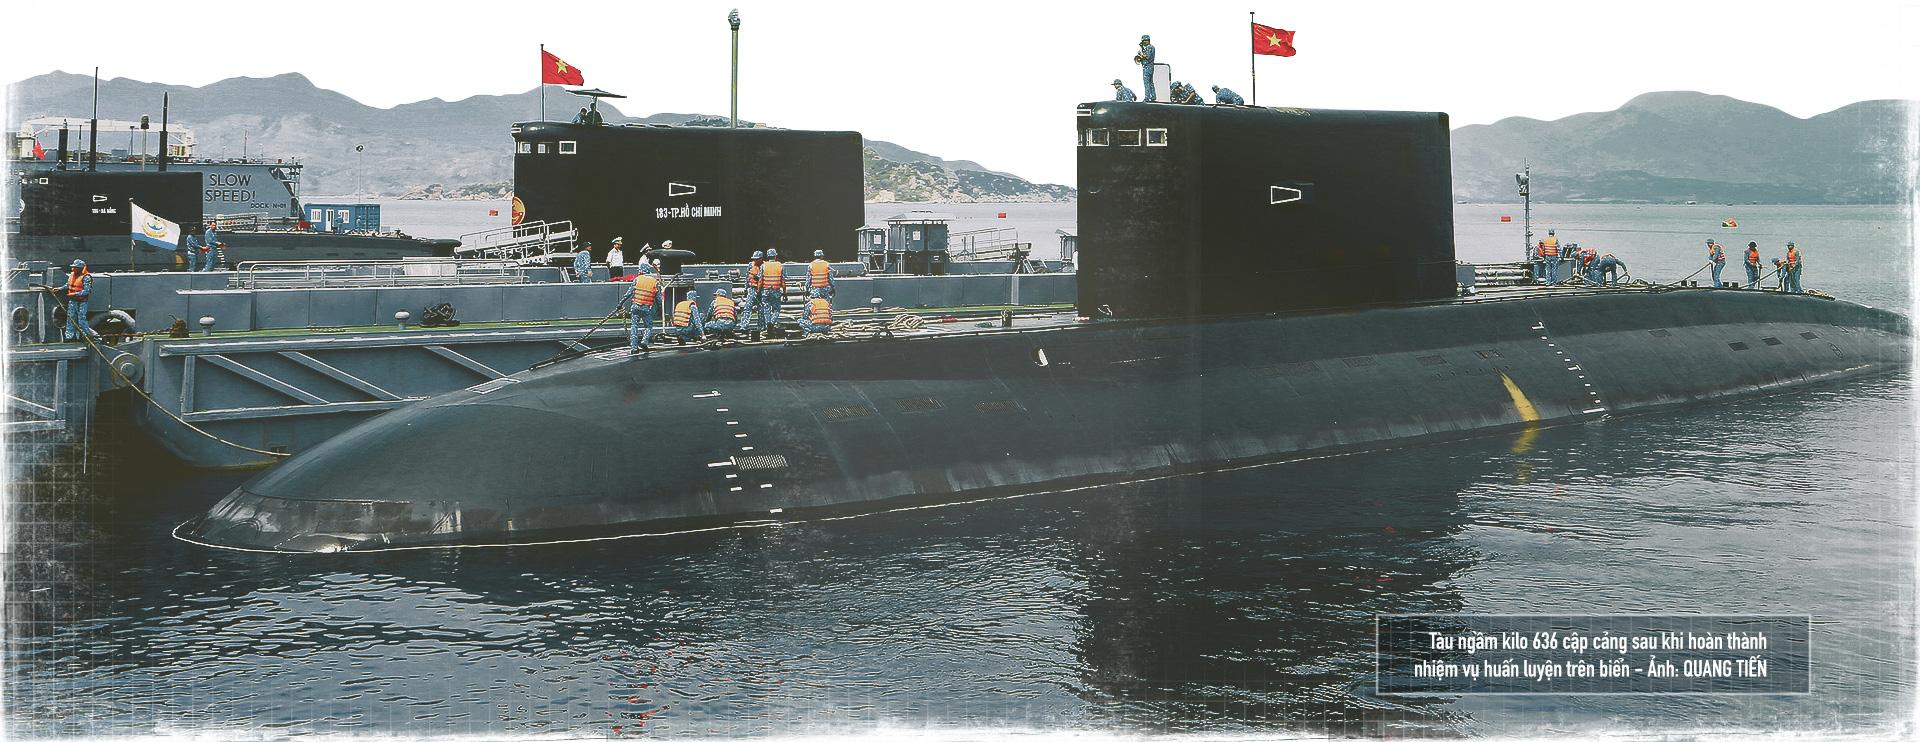 Kíp tàu ngầm đầu tiên của Việt Nam những câu chuyện bây giờ mới kể - Ảnh 12.